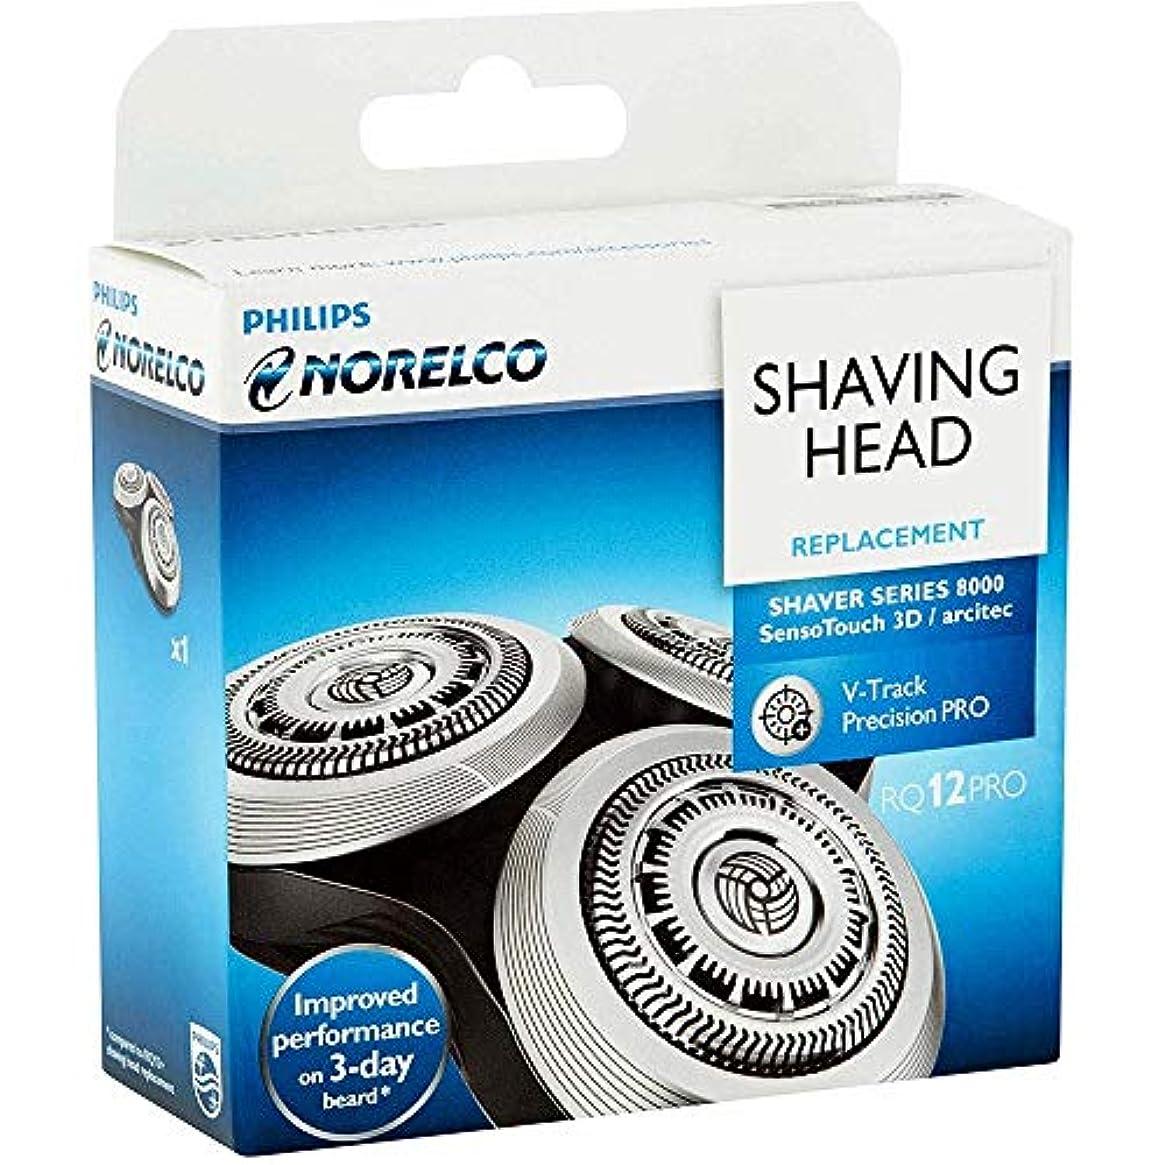 平等スマッシュ衣装Philips Norelco RQ12+ Senso Touch 3D シェービングユニット 3D 1250X1260X1280X 用 [並行輸入品]